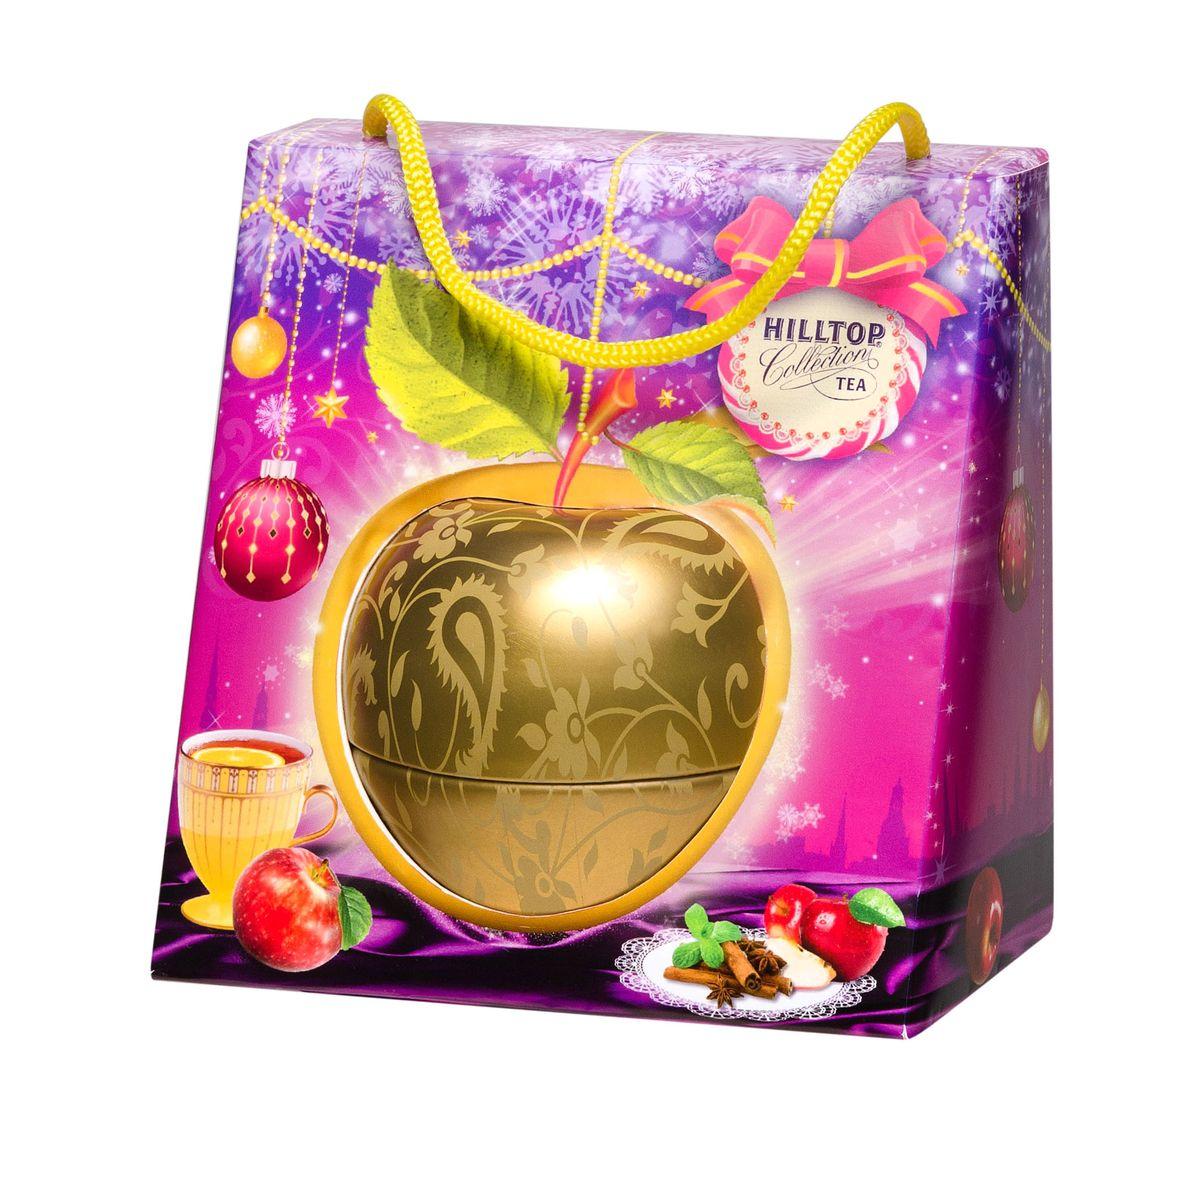 Hilltop Золотое яблочко черный листовой чай, 50 г4607099305793Крупнолистовой терпкий черный чай стандарта Супер Пеко Hilltop Золотое яблочко собран на лучших плантациях острова Цейлон. Этот чай с терпким настоем и ярким ароматом безусловно будет украшением новогоднего чаепития, а также отличным подарком вашим близким! Яркая подарочная упаковка не оставит равнодушным ни одного человека!